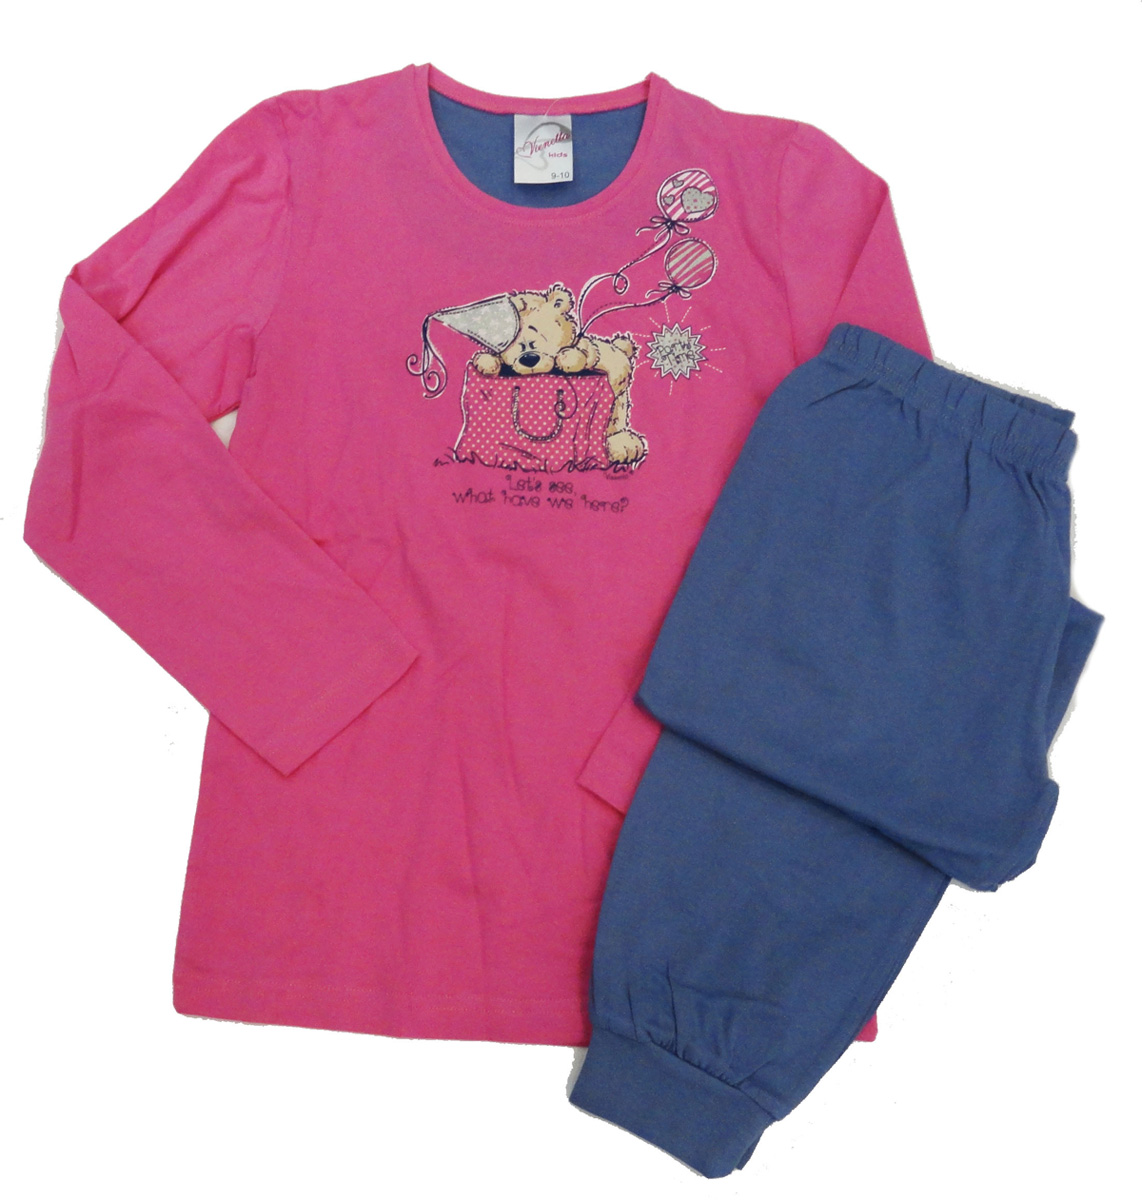 Комплект домашний для девочки Vienettas Secret Мишка в сумке: брюки, лонгслив, цвет: фуксия. 403373 4433. Размер 134/140, 10 лет403373 4433